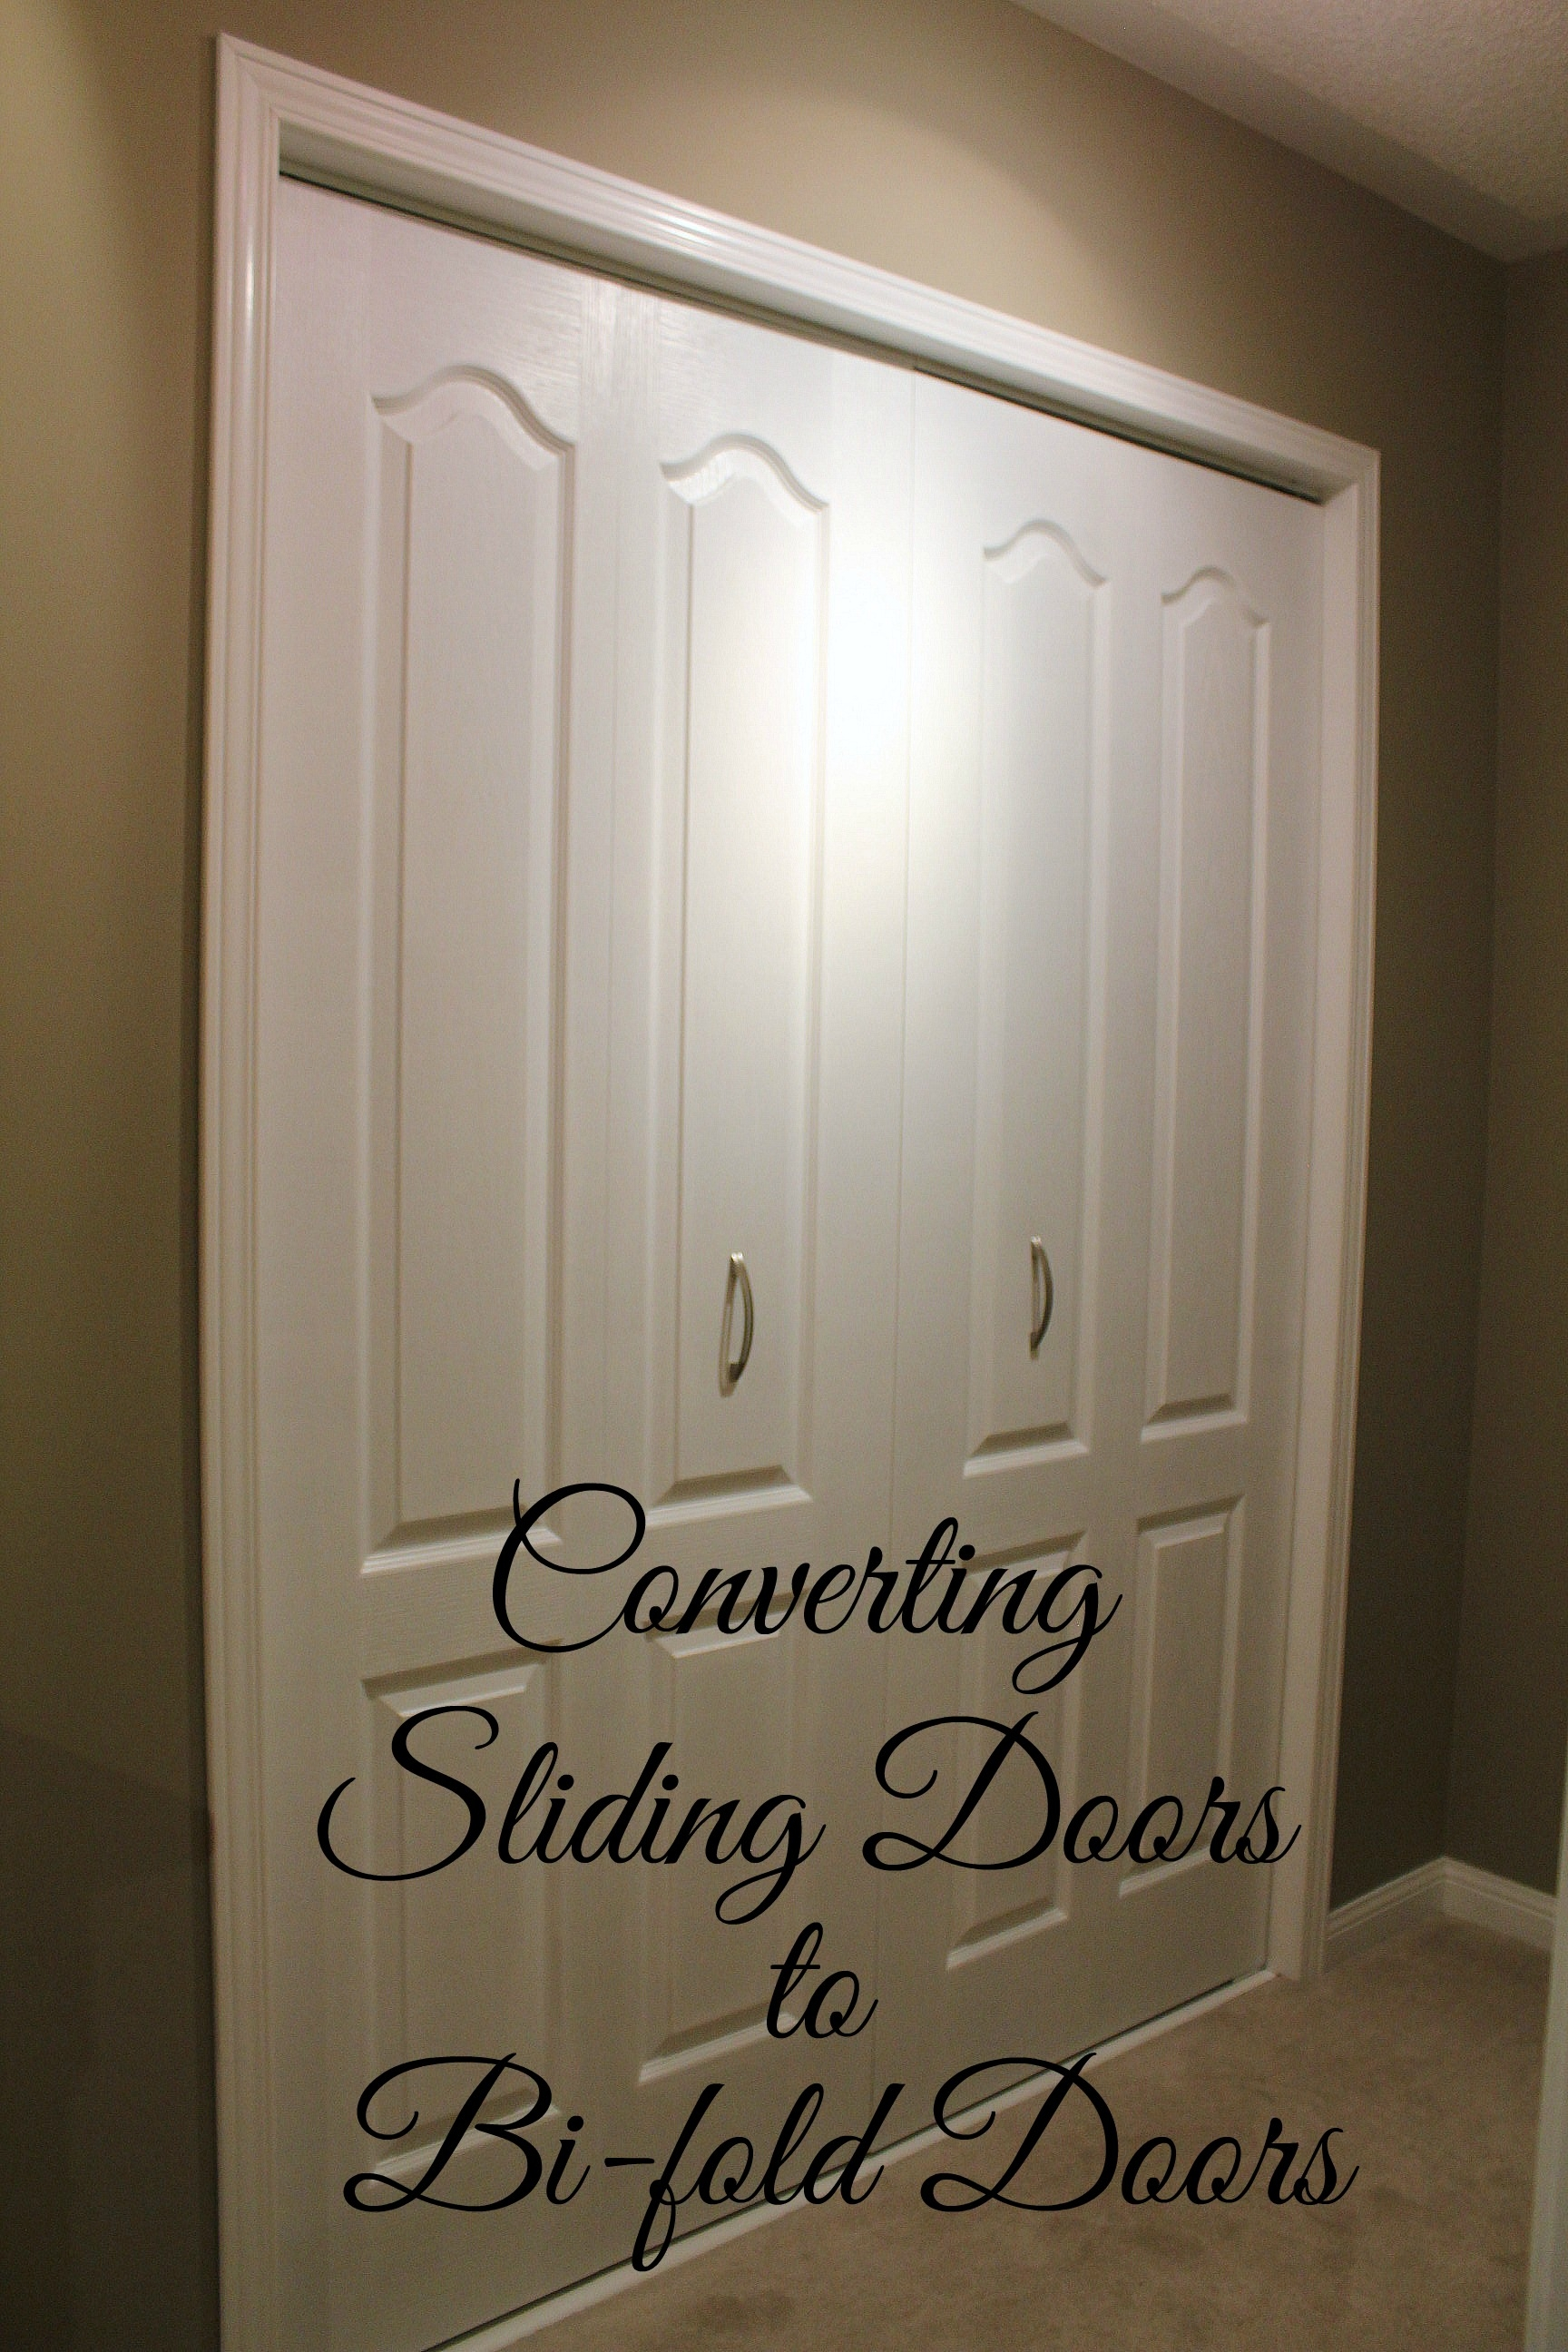 Pivot And Slide Closet Doorsturtles and tails converting sliding doors to bi fold doors